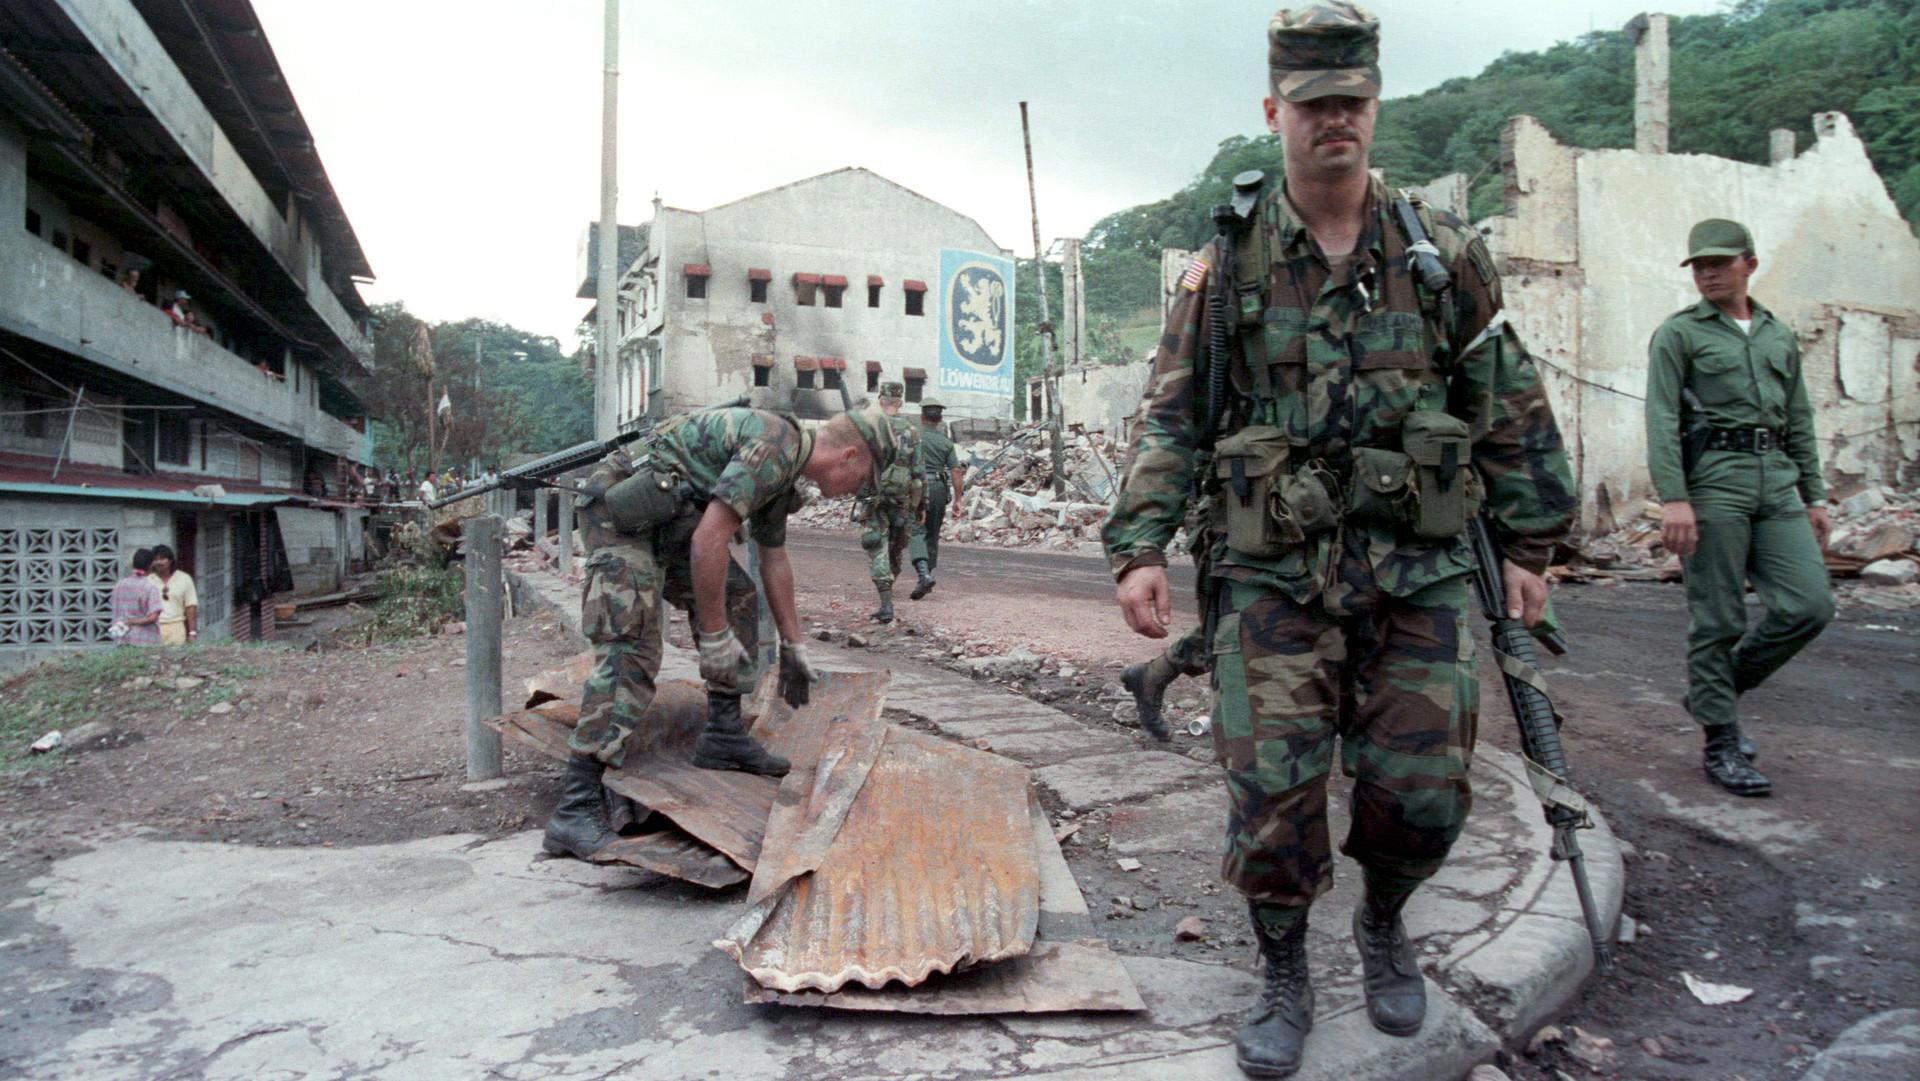 Se conmemoran 28 años de la invasión de EEUU a Panamá